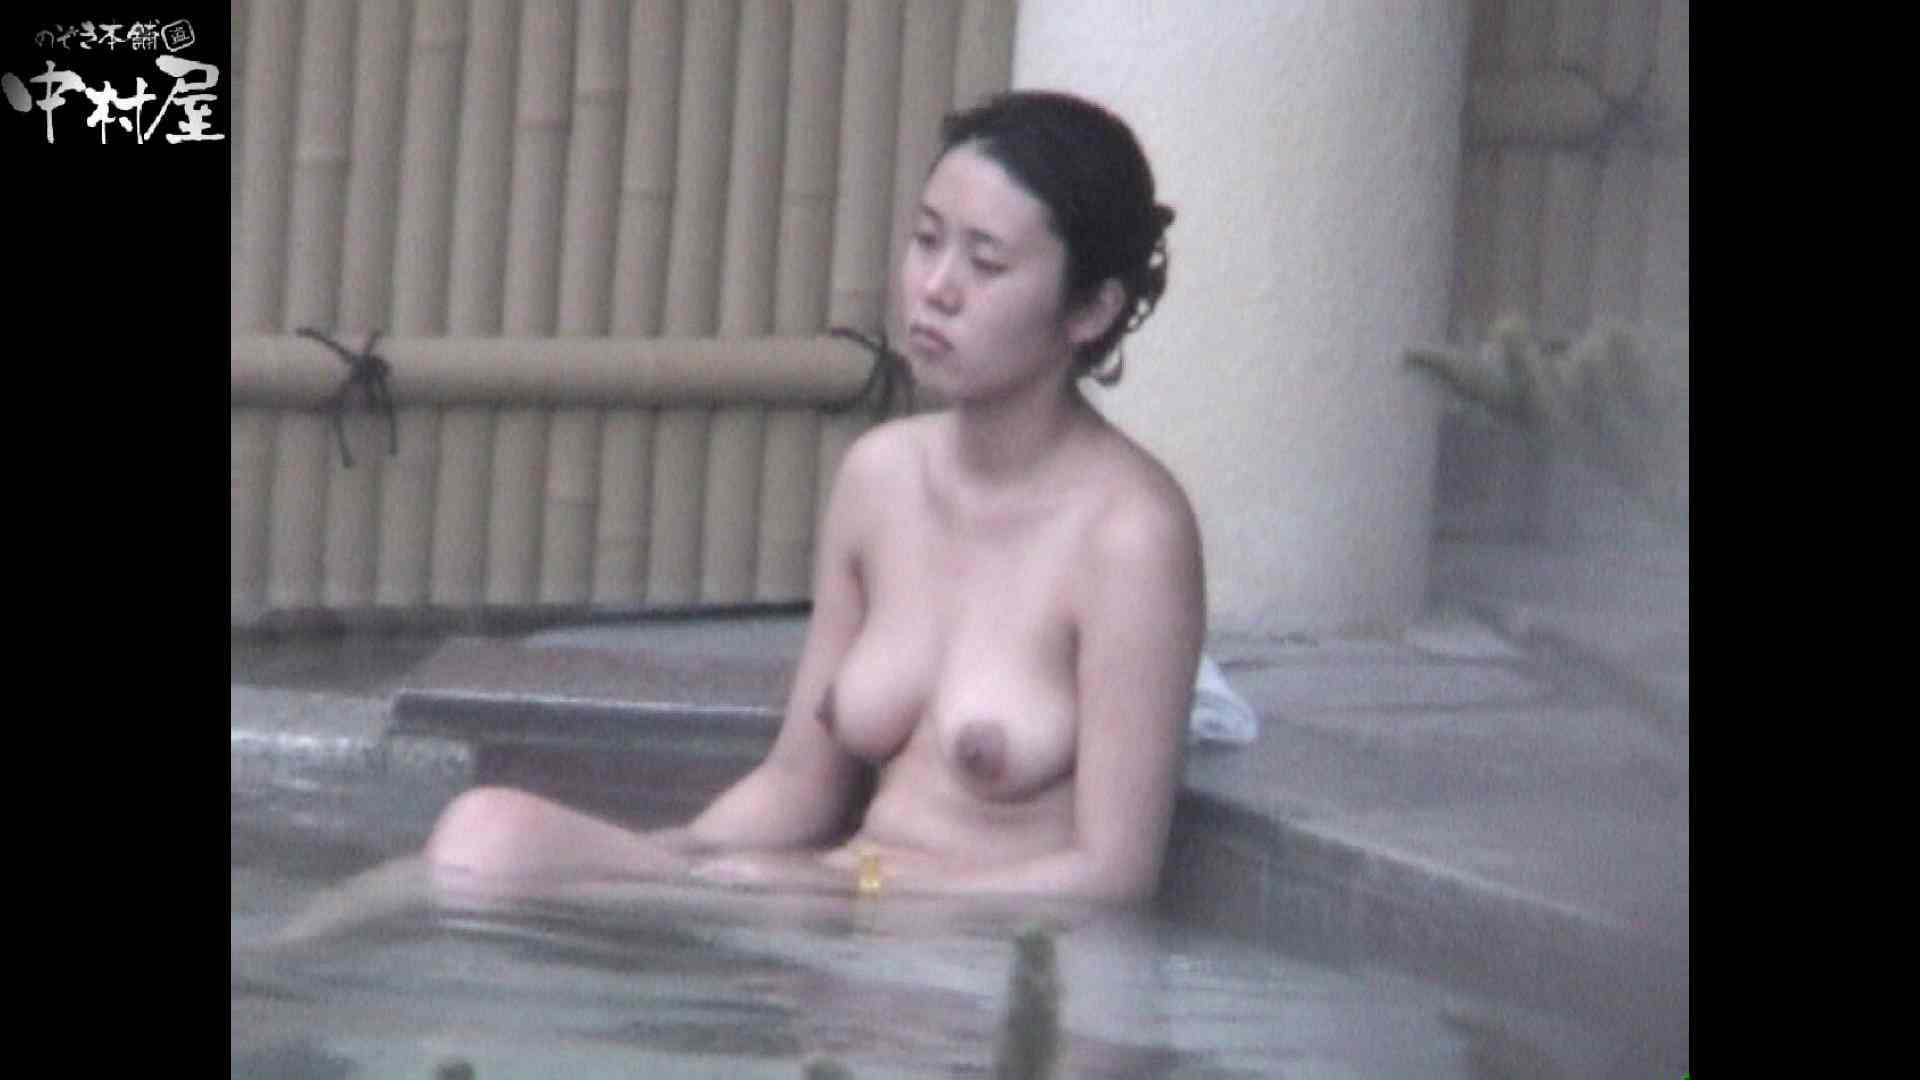 Aquaな露天風呂Vol.923 OLハメ撮り  91Pix 84